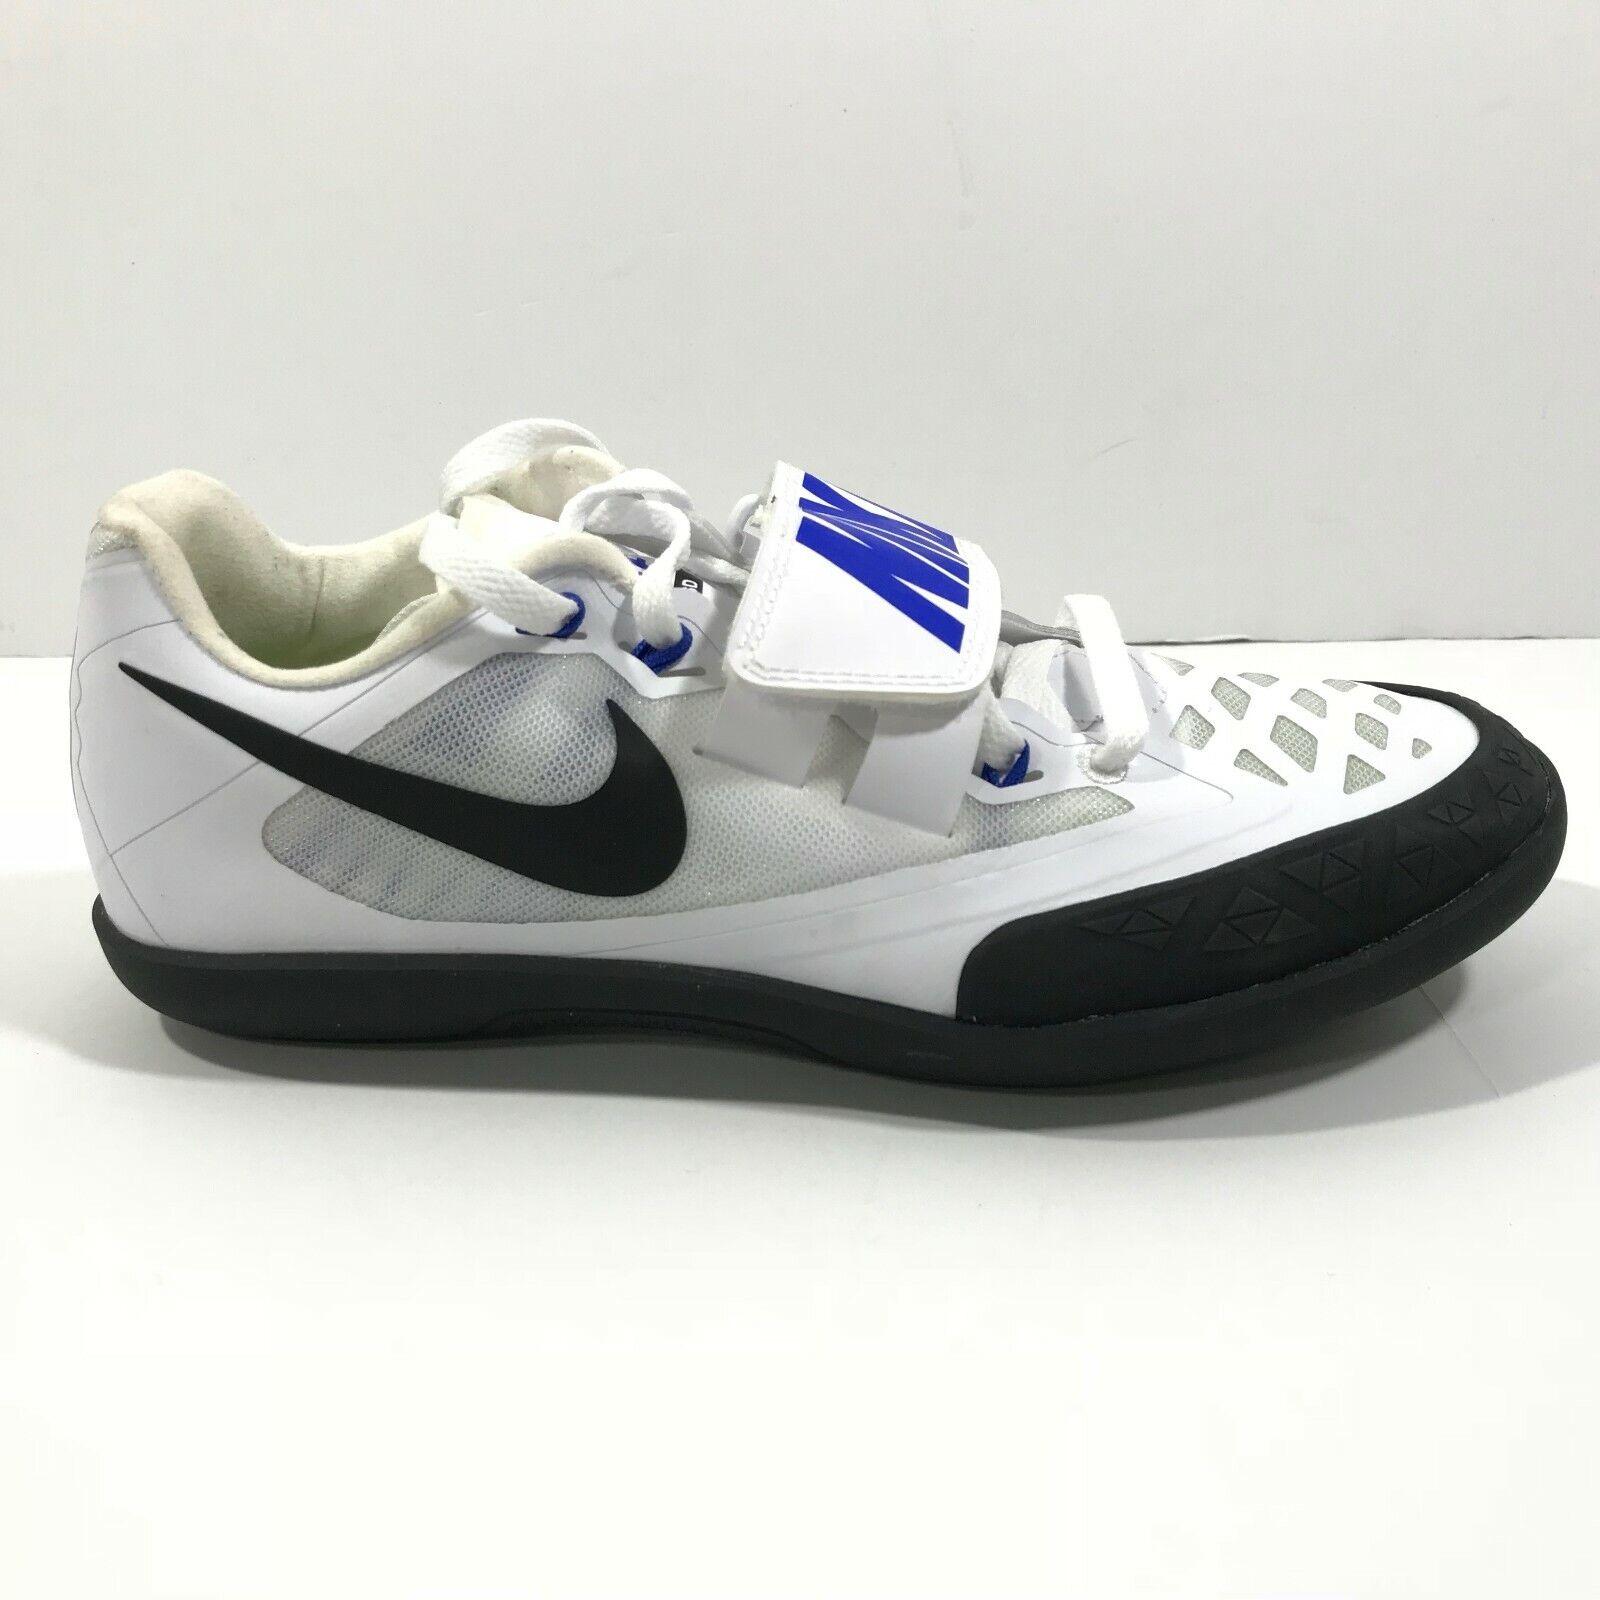 Nike Zoom SD 4 Throwing Shoes Shotput